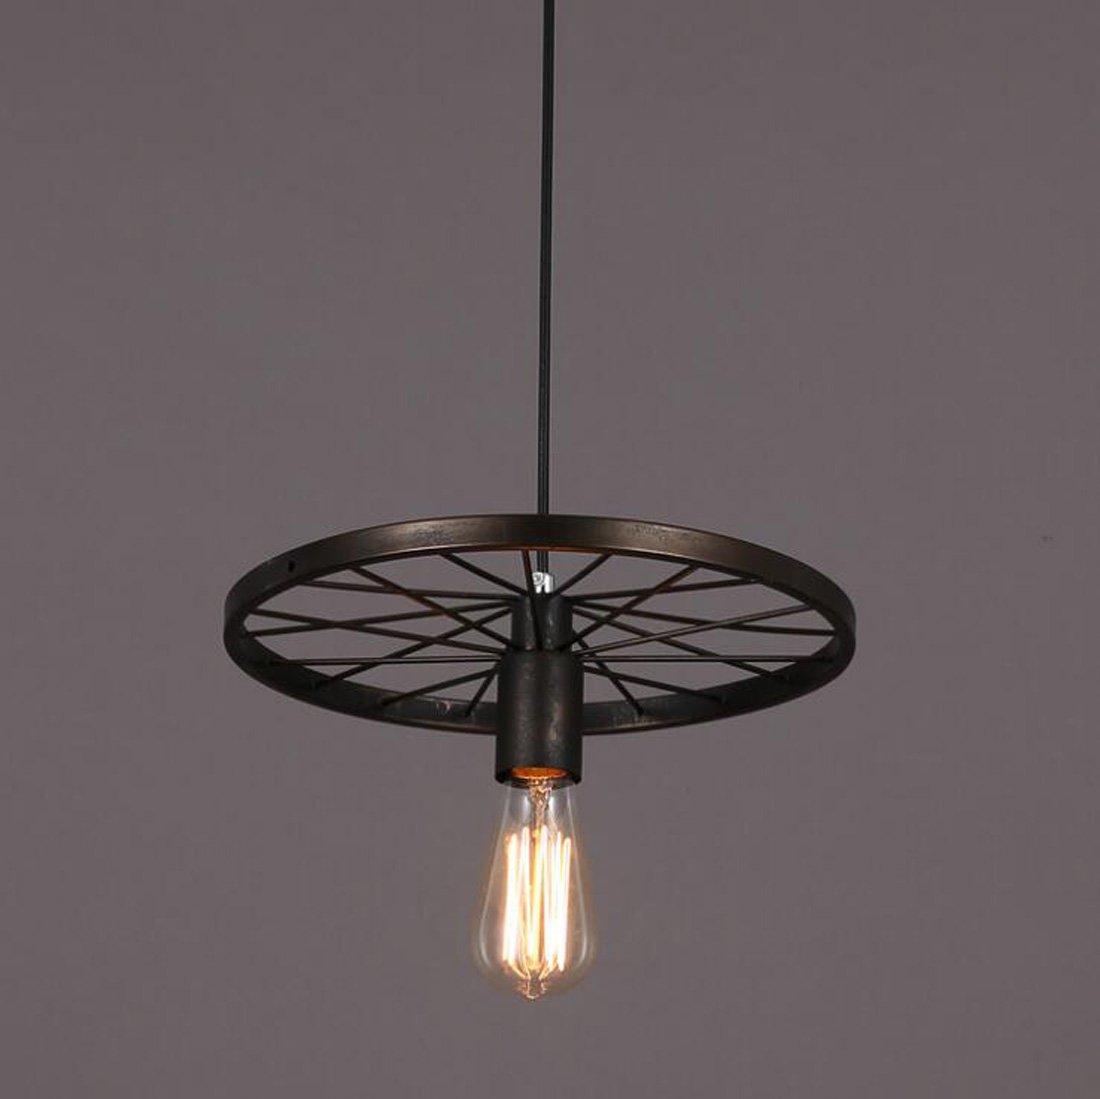 Ydxwan LED American Retro Metall Rad Kronleuchter Einzelkopf / 6 Köpfe / 3 Kronleuchter Kreative Ausstellung/Hotel / Restaurant/Korridor Industrie Wind Kronleuchter (ohne Glühbirnen)